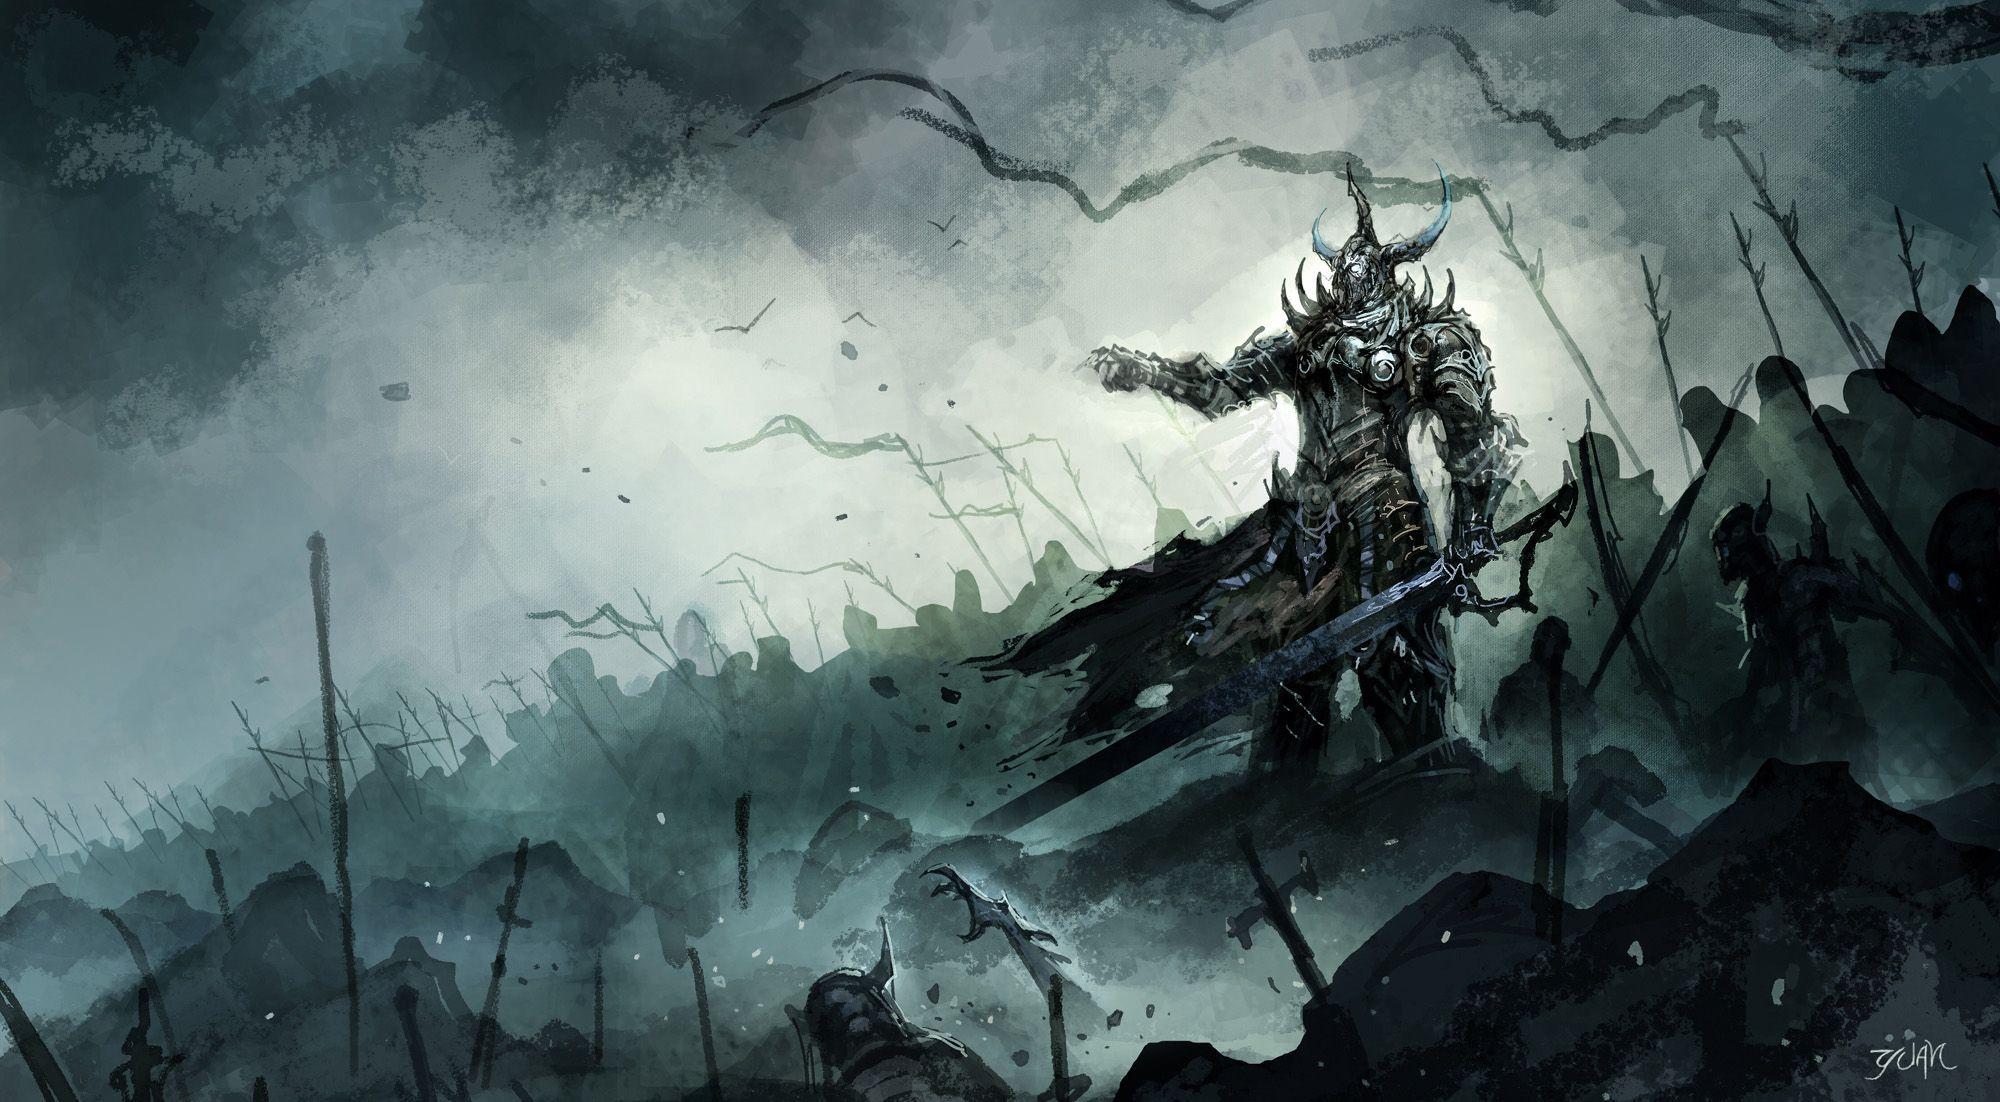 Epic Fantasy Wallpapers Dark Hd Art Warriors Wallpaper Fantasy Drawings